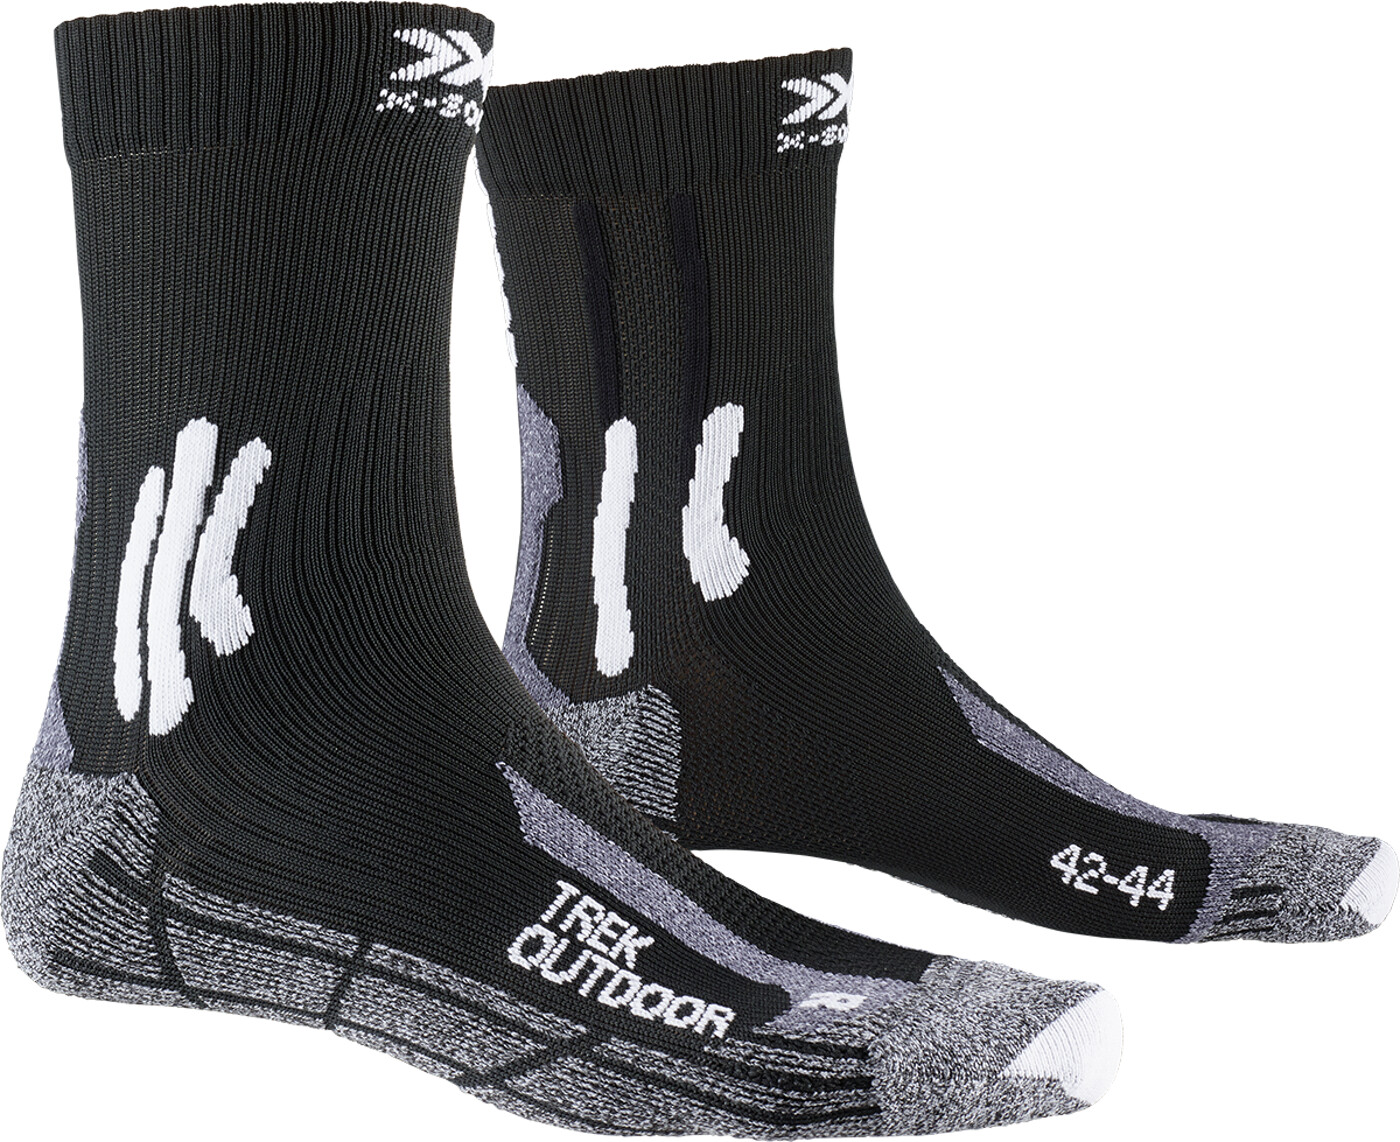 X-BIONIC TREK OUTDOOR Socken - Herren